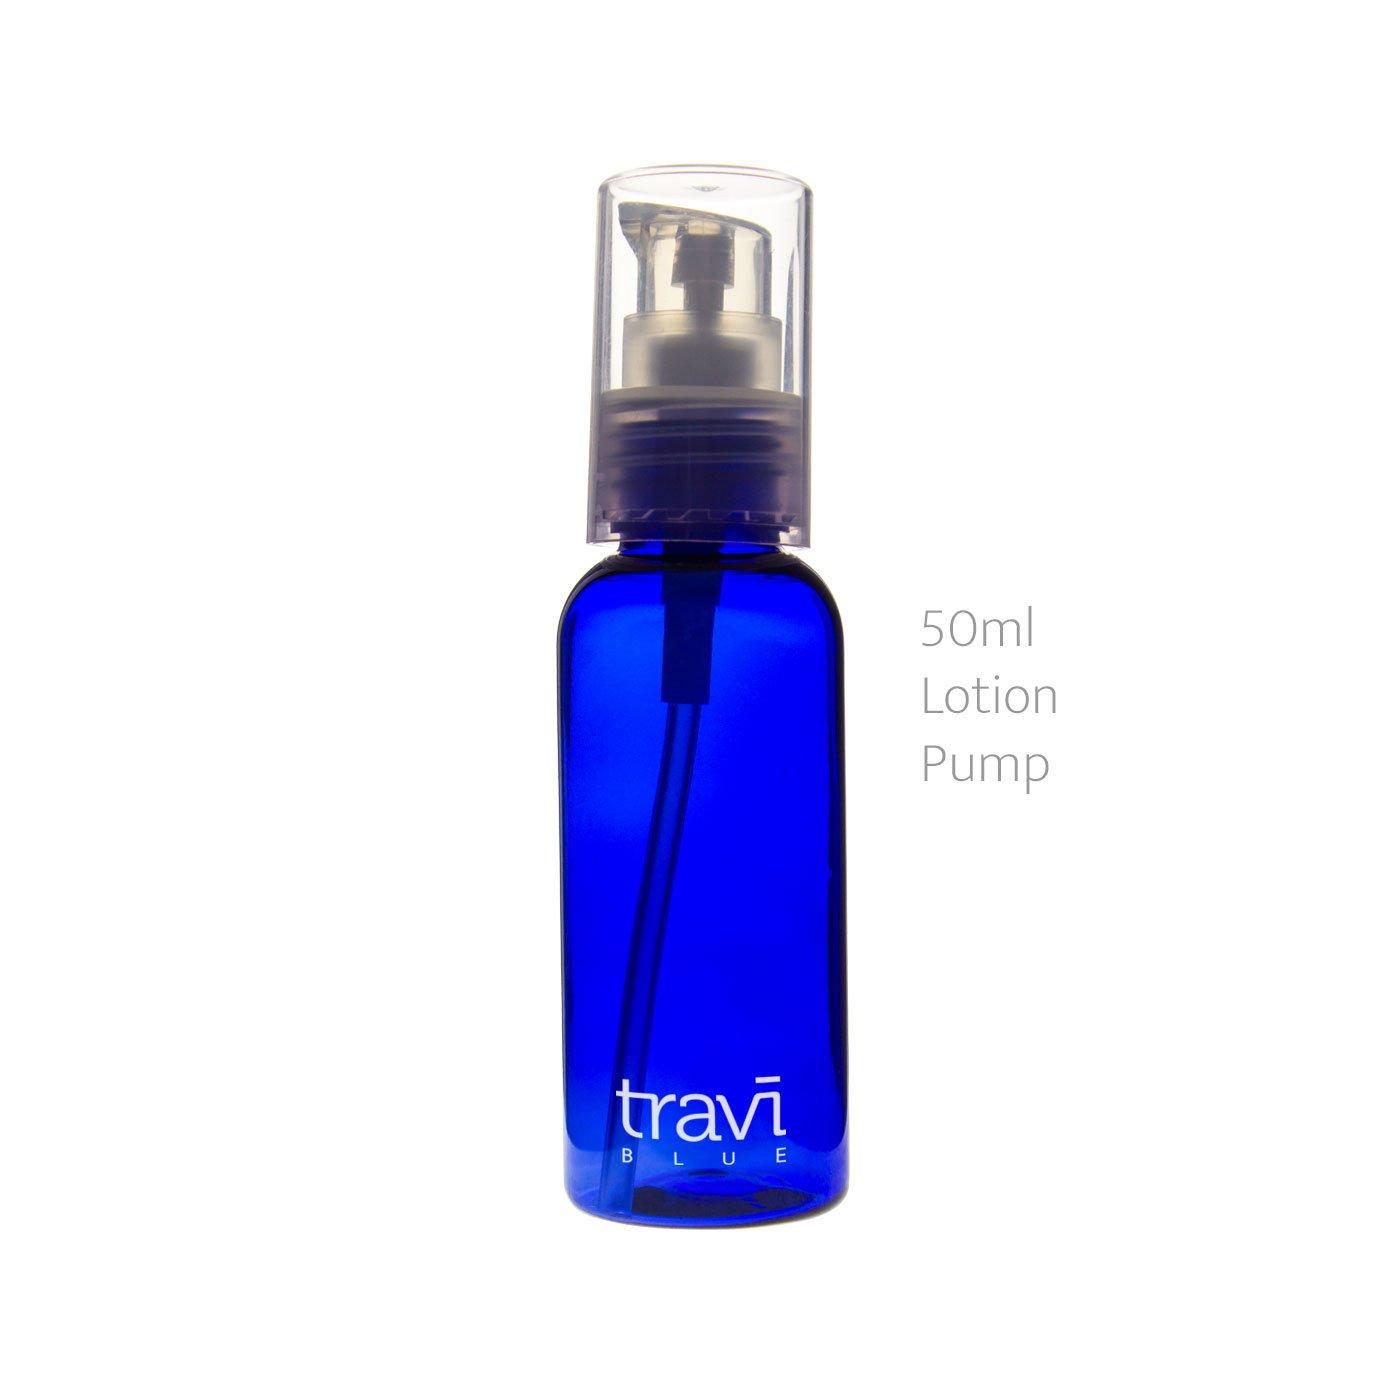 Ati Nomad aire tamaño de viaje botella de | ideal para equipaje de mano líquido | bolsa de seguridad aeroportuaria Transparente azul: Amazon.es: Equipaje